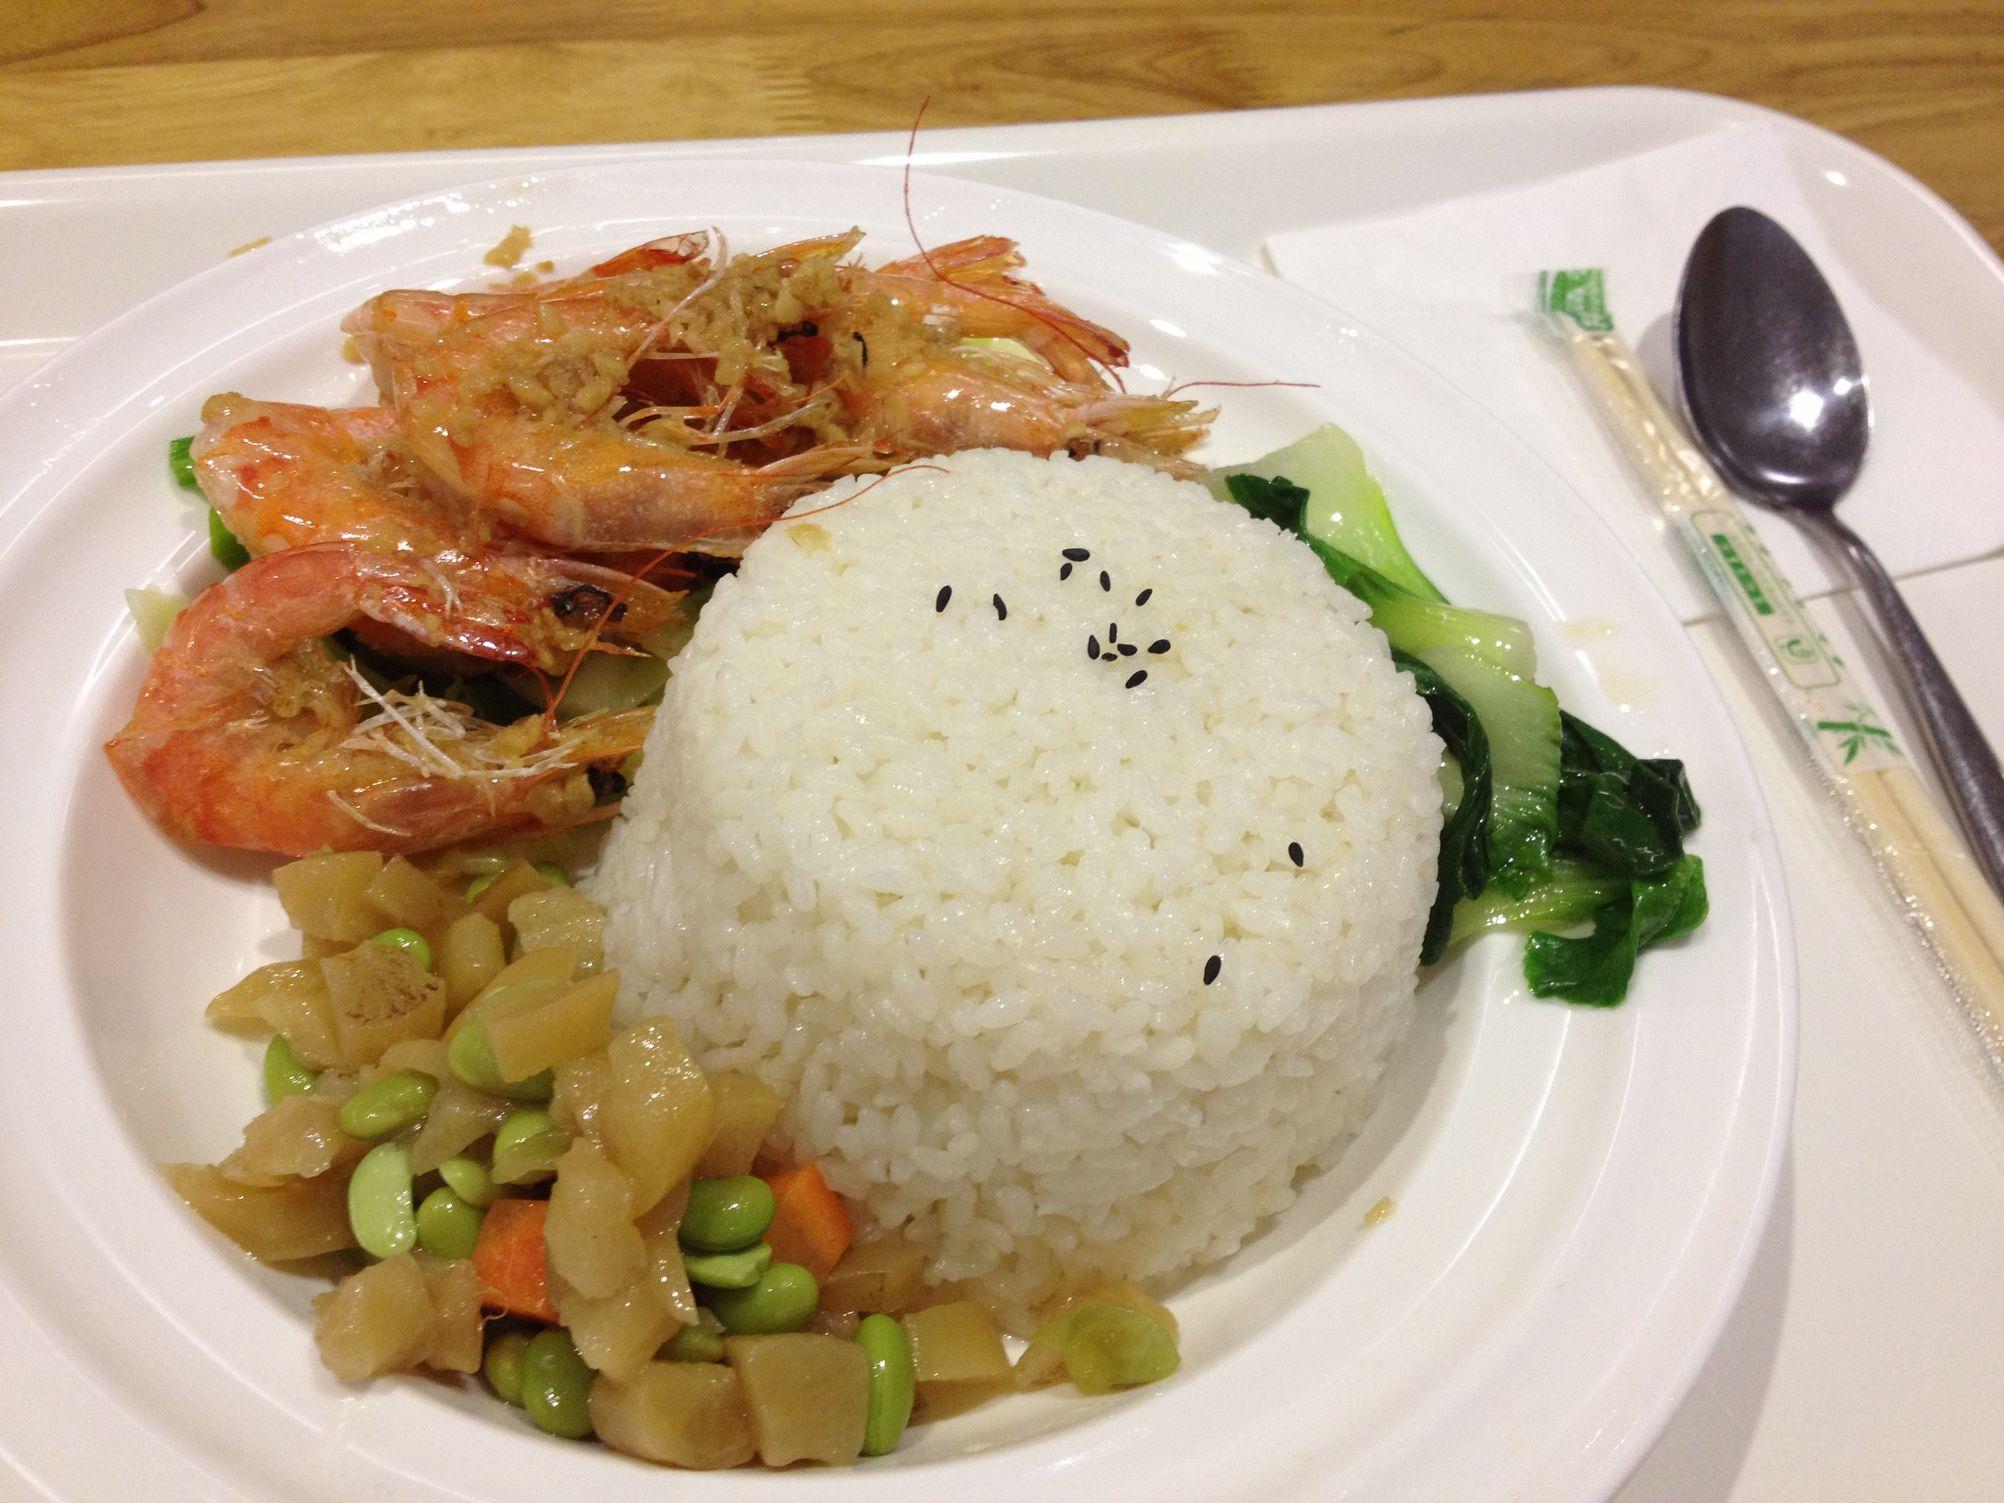 同事点的【蒜蓉大虾饭】,据说味道很好图片